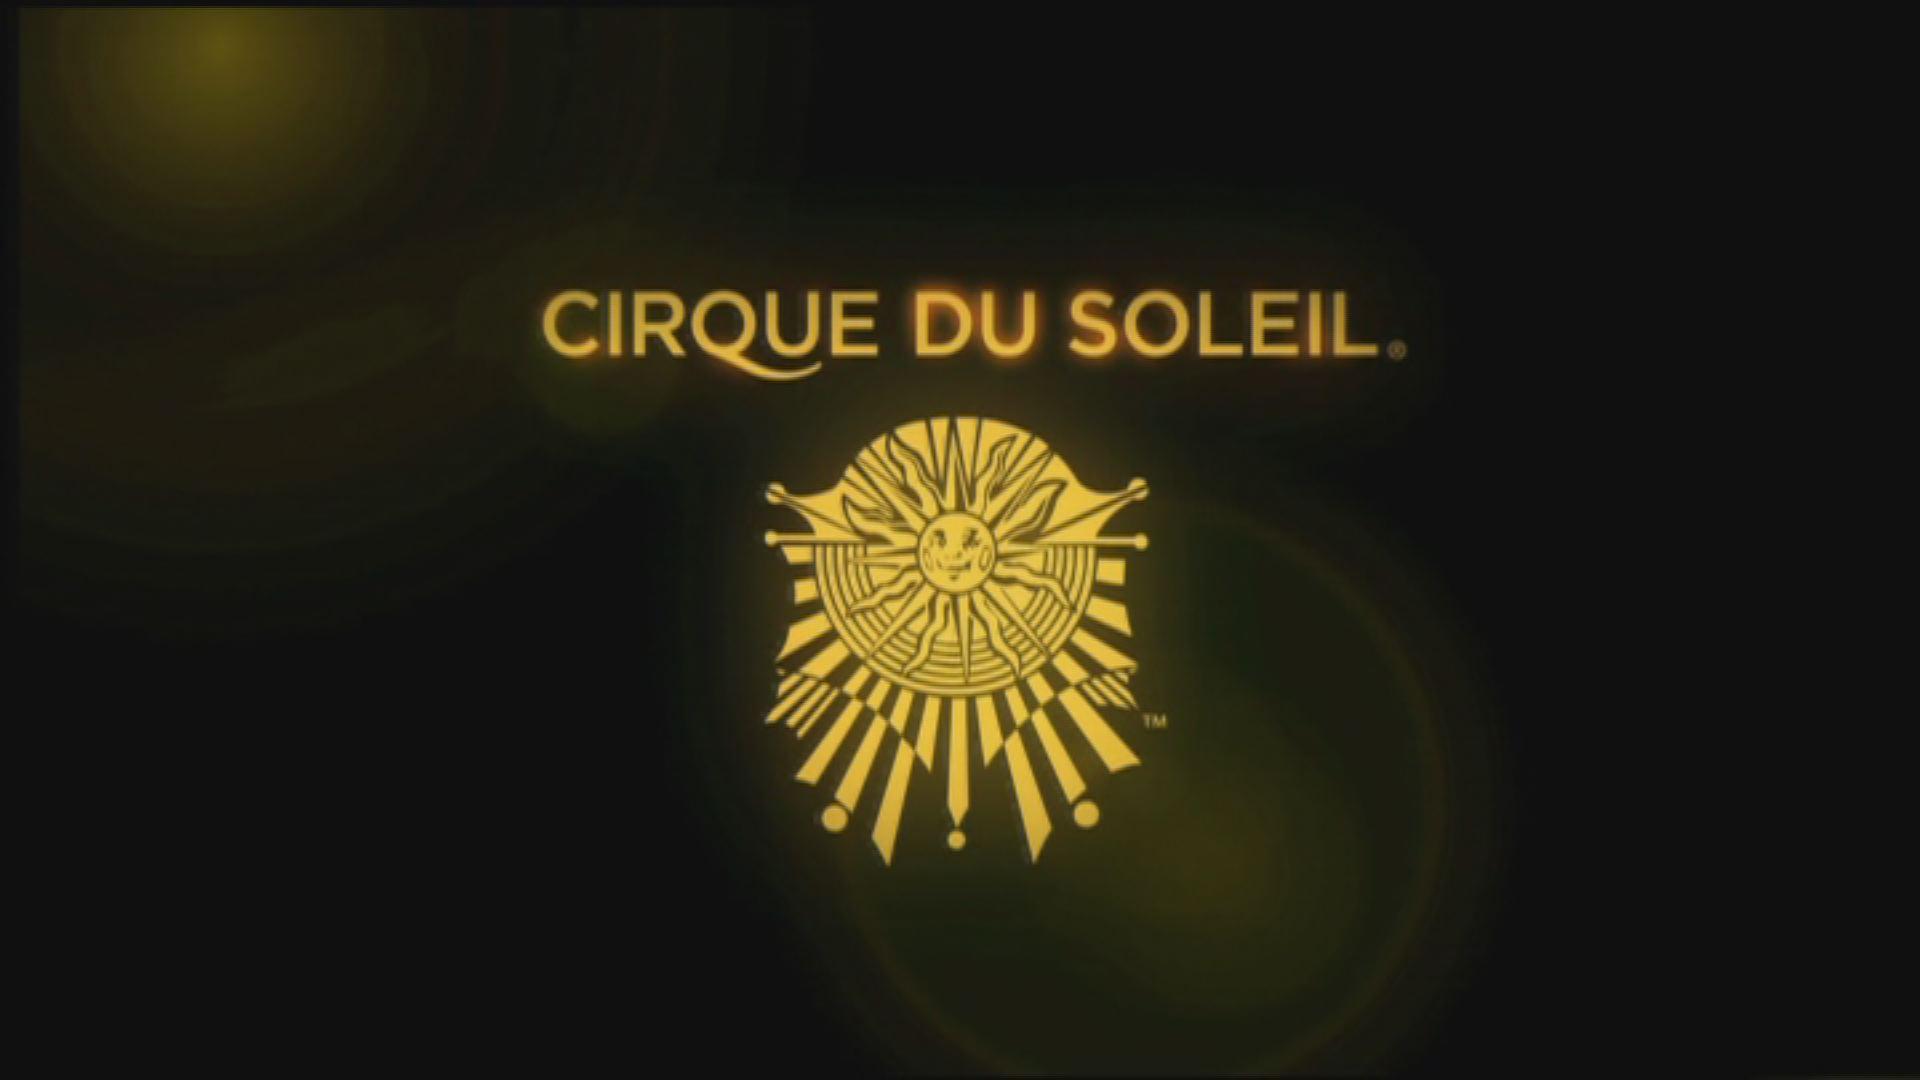 Ilyen a világhírű Cirque du Soleil